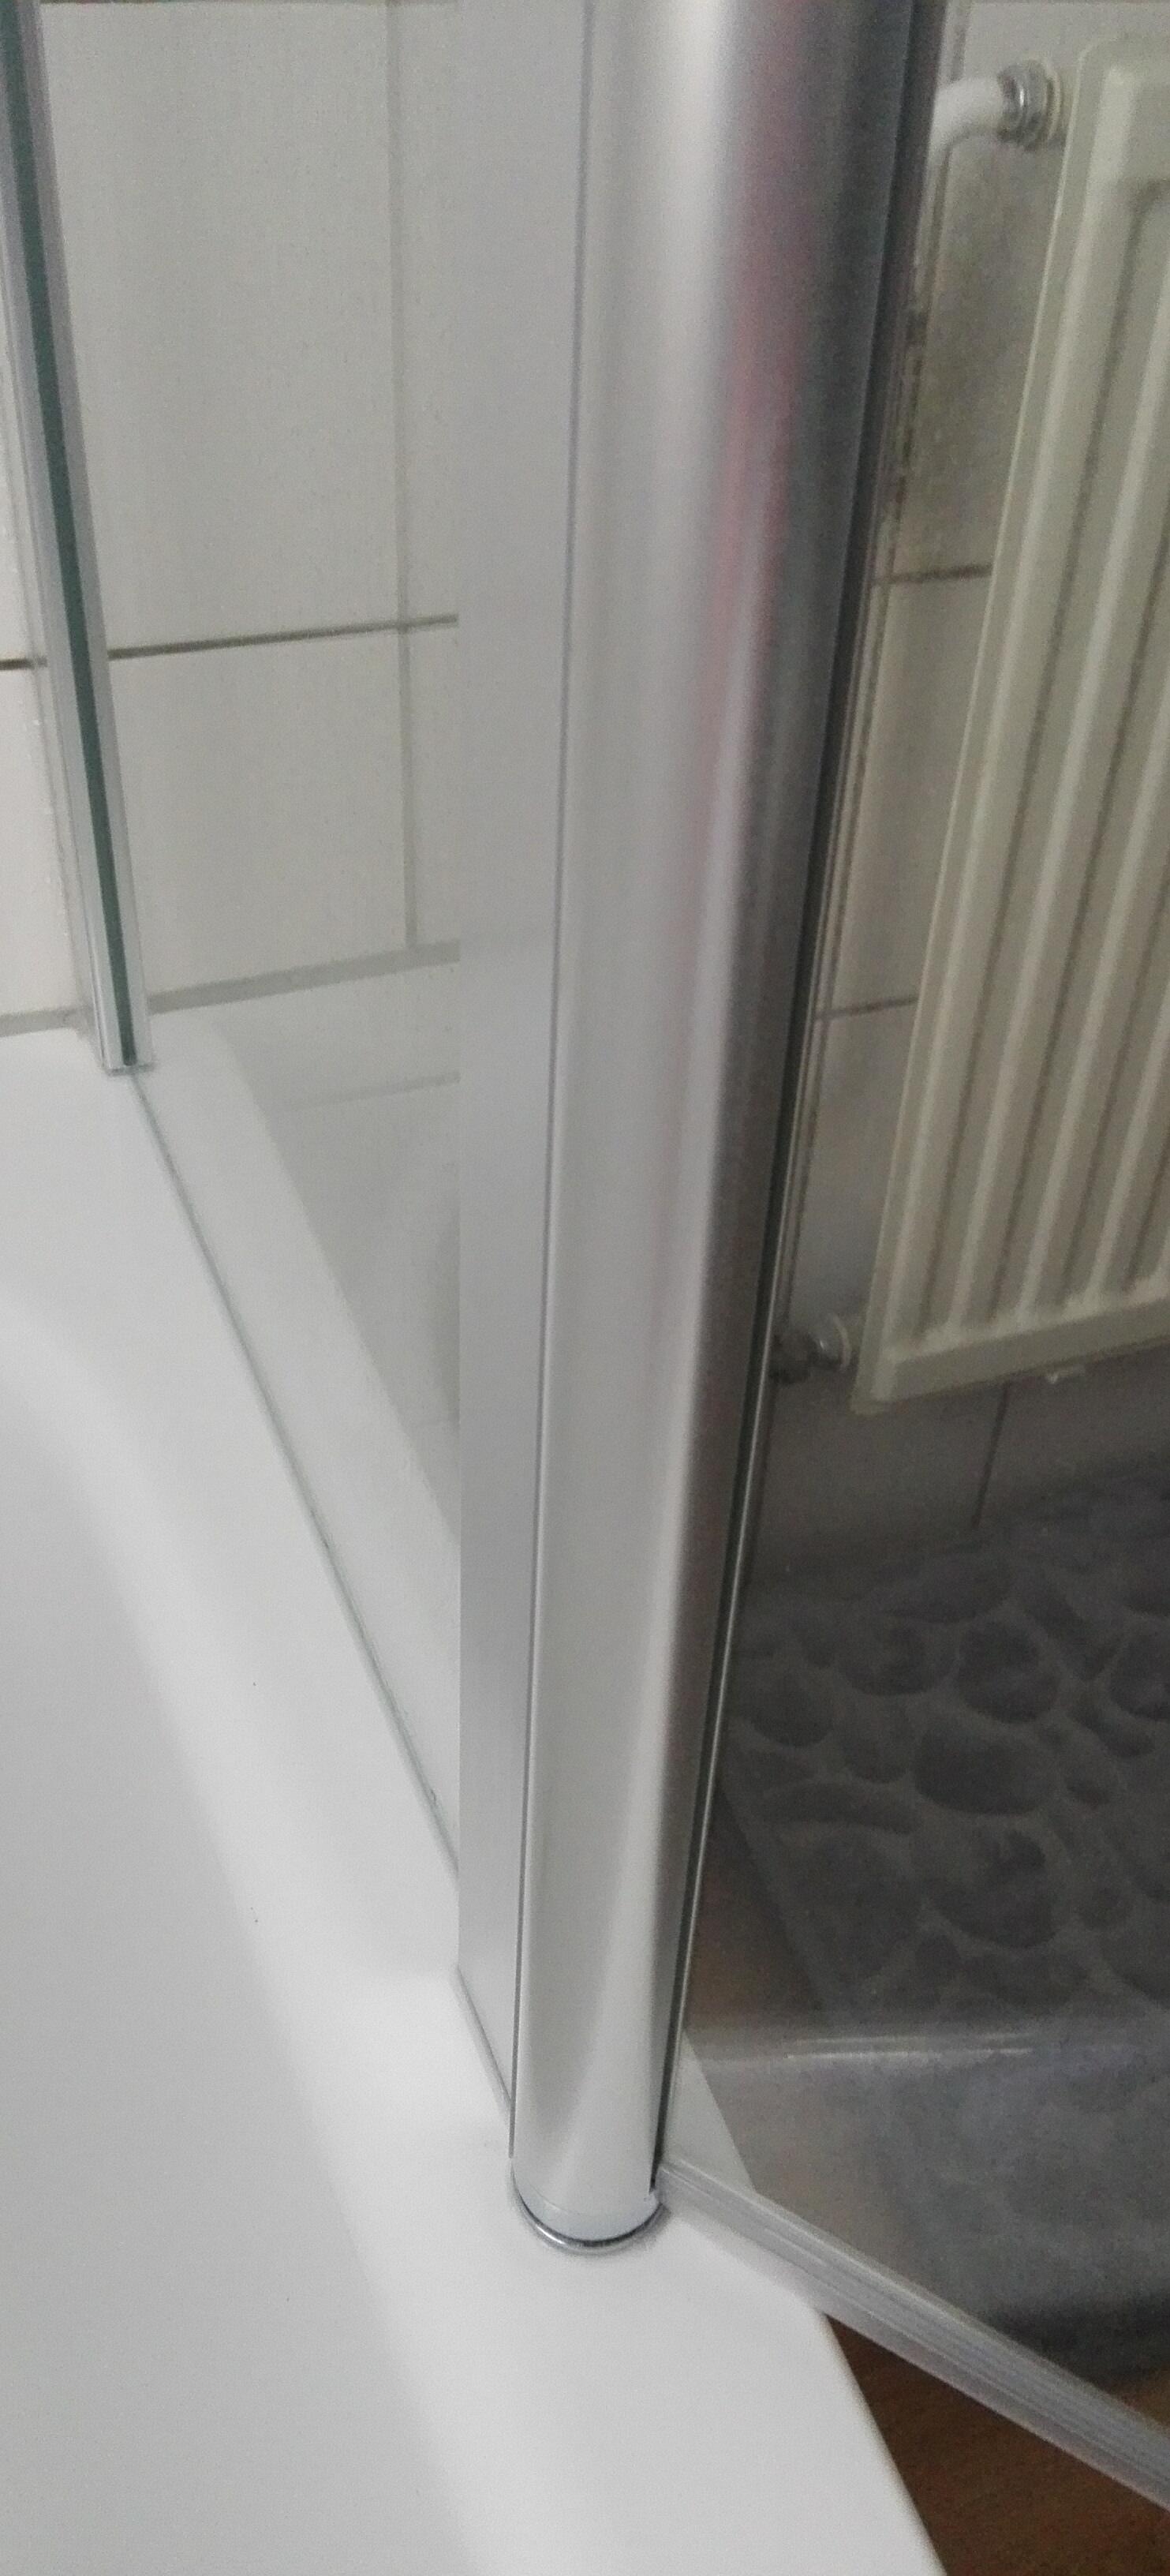 duschwand undicht was am besten tun freizeit wohnung handwerk